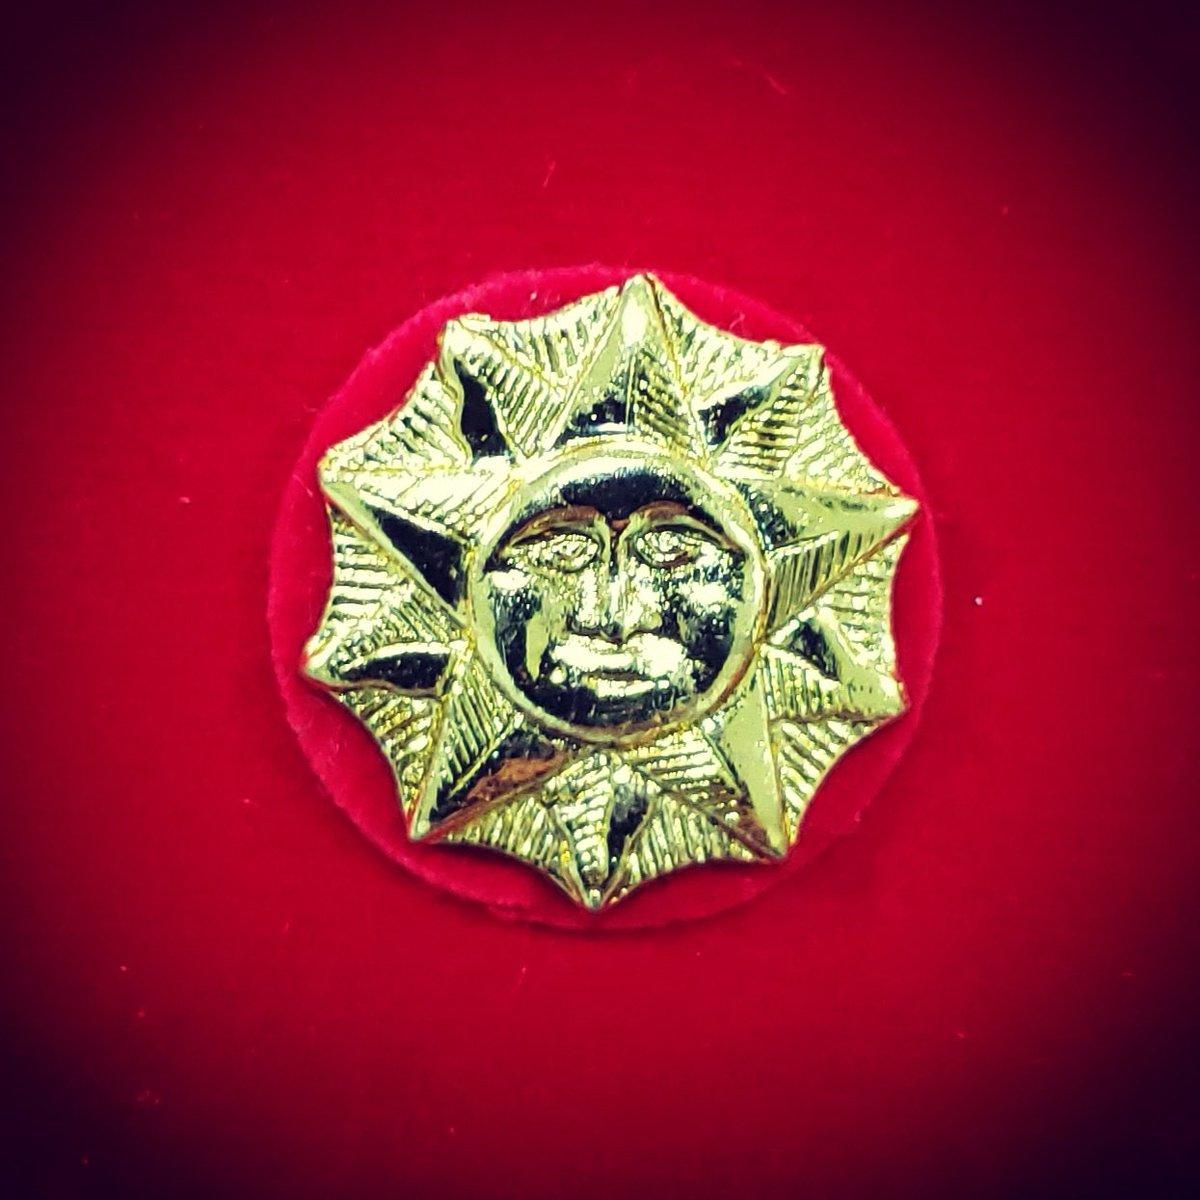 El sol que posa sobre sus hombros, el mismo que brilló en Carabobo hace 198 años, representa la prudencia, valentía, audacia, talento y probidad que los Generales y Almirantes de la República deben llevar como virtudes. ¡Luces para la Patria! Pórtenlos con honor. ¡Felicitaciones! https://t.co/CTIamAunbM